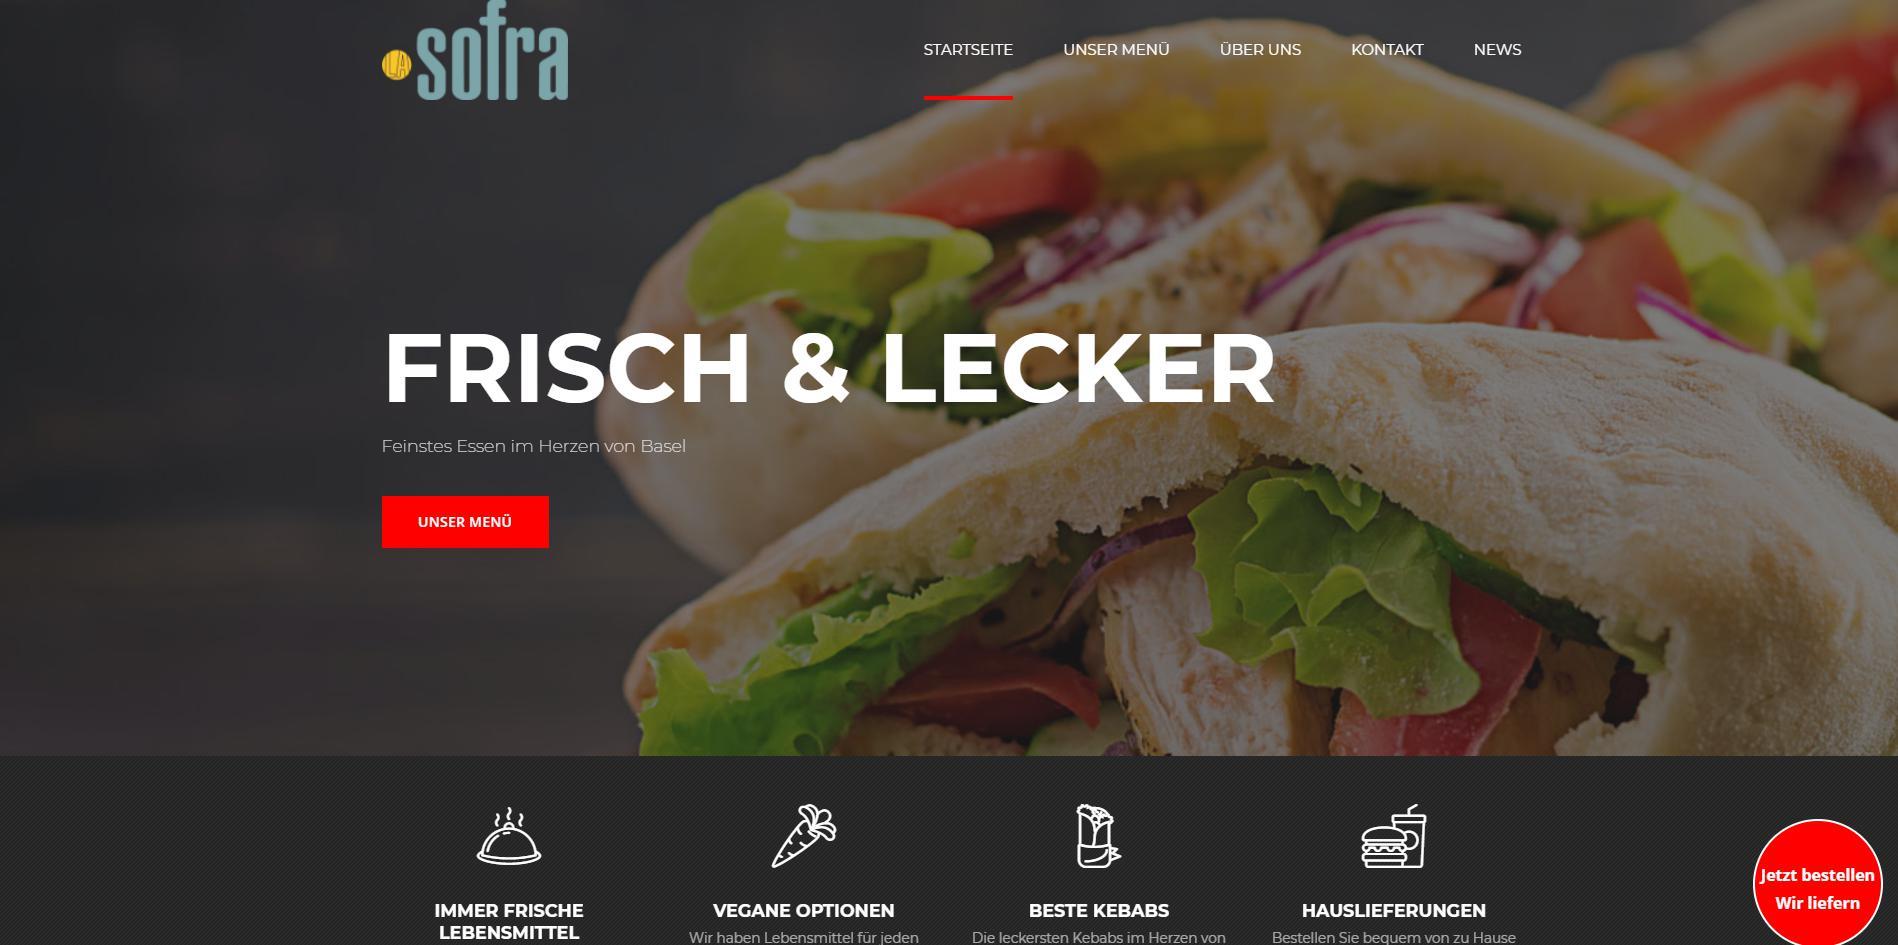 LaSofra Fine Food